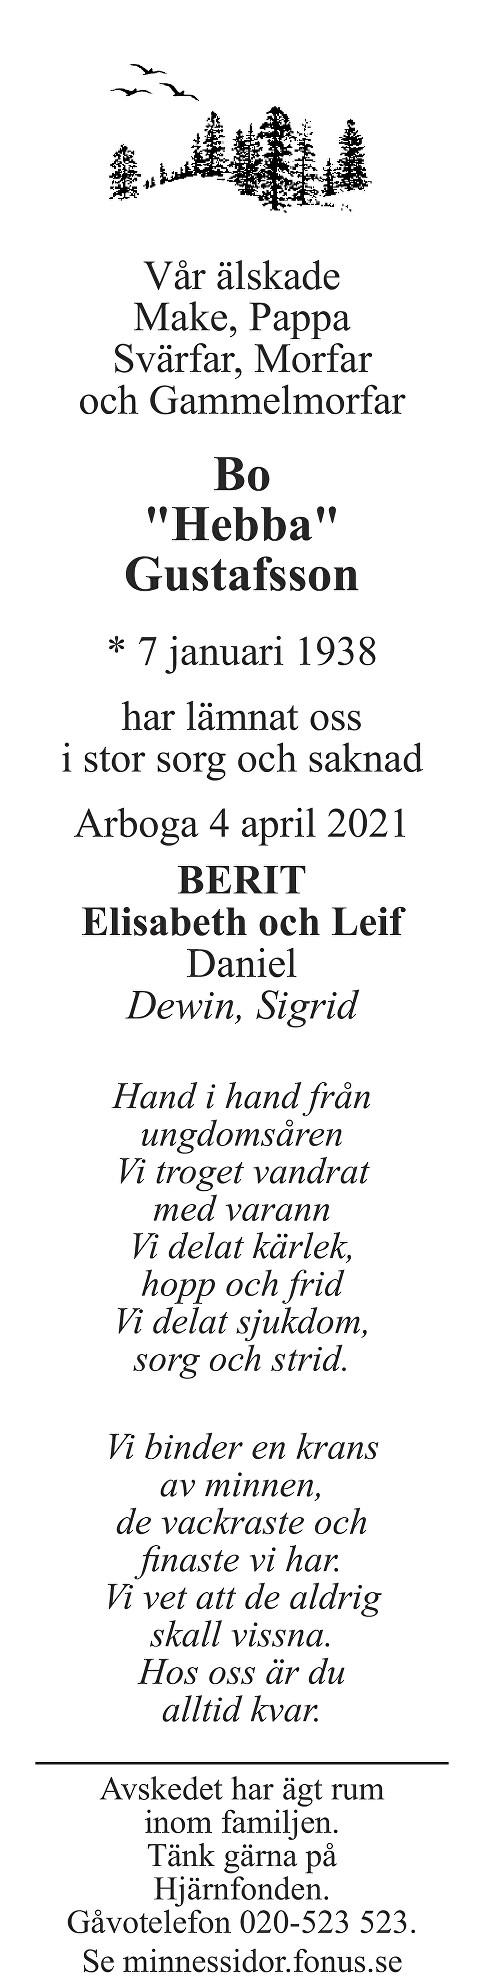 Bo Gustafsson Death notice